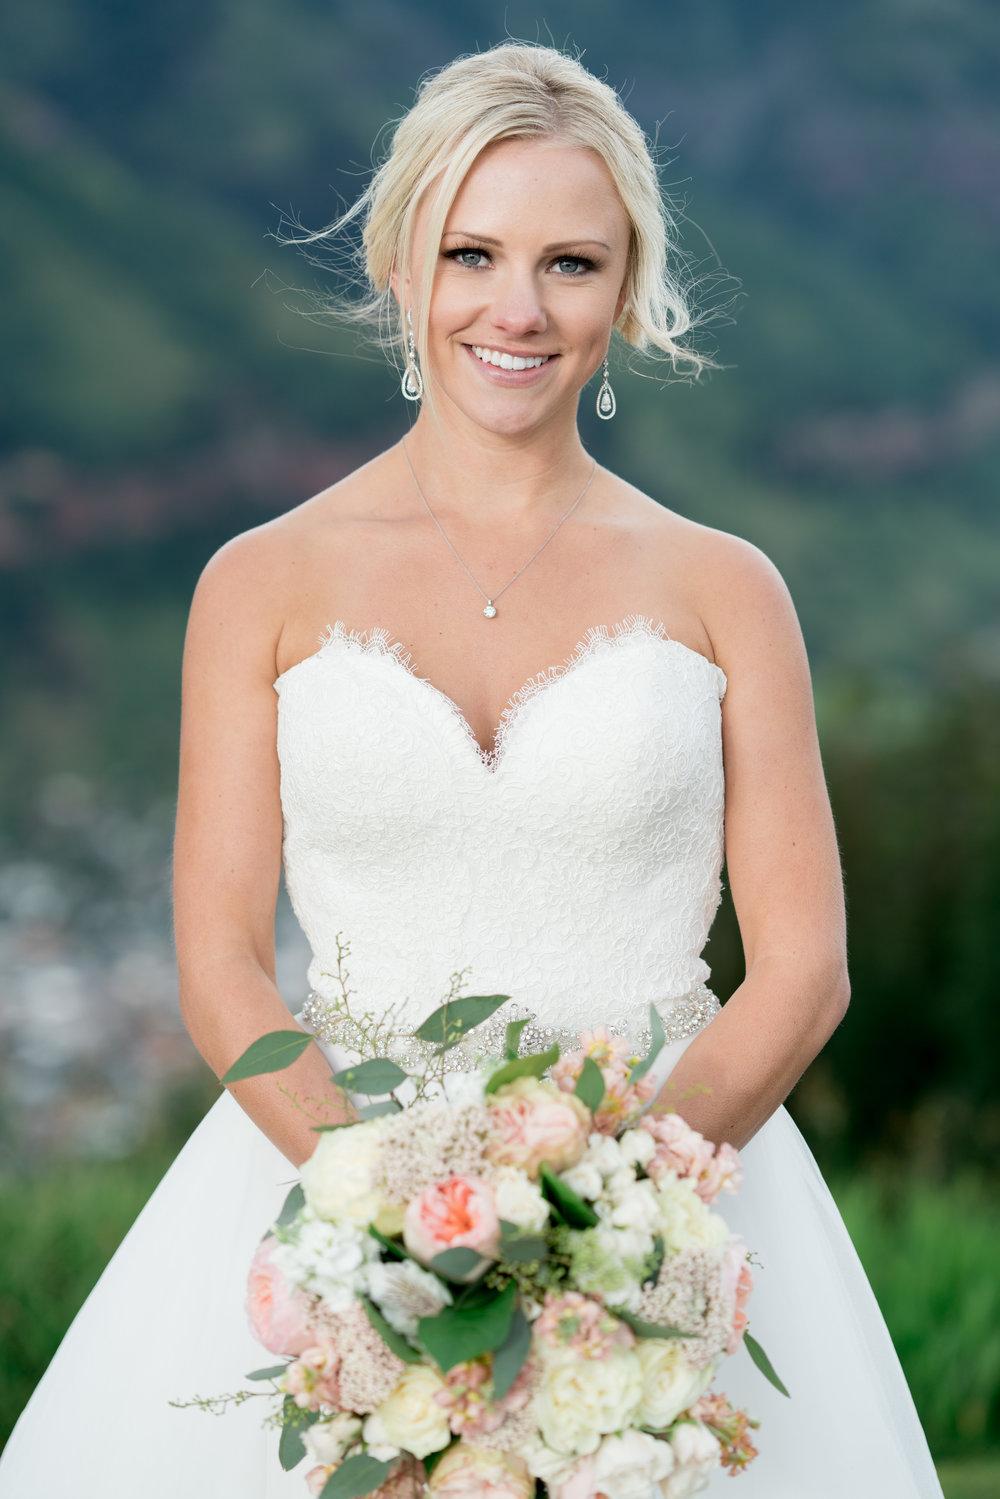 Sarah-CJ-Wedding-160805-0840.jpg